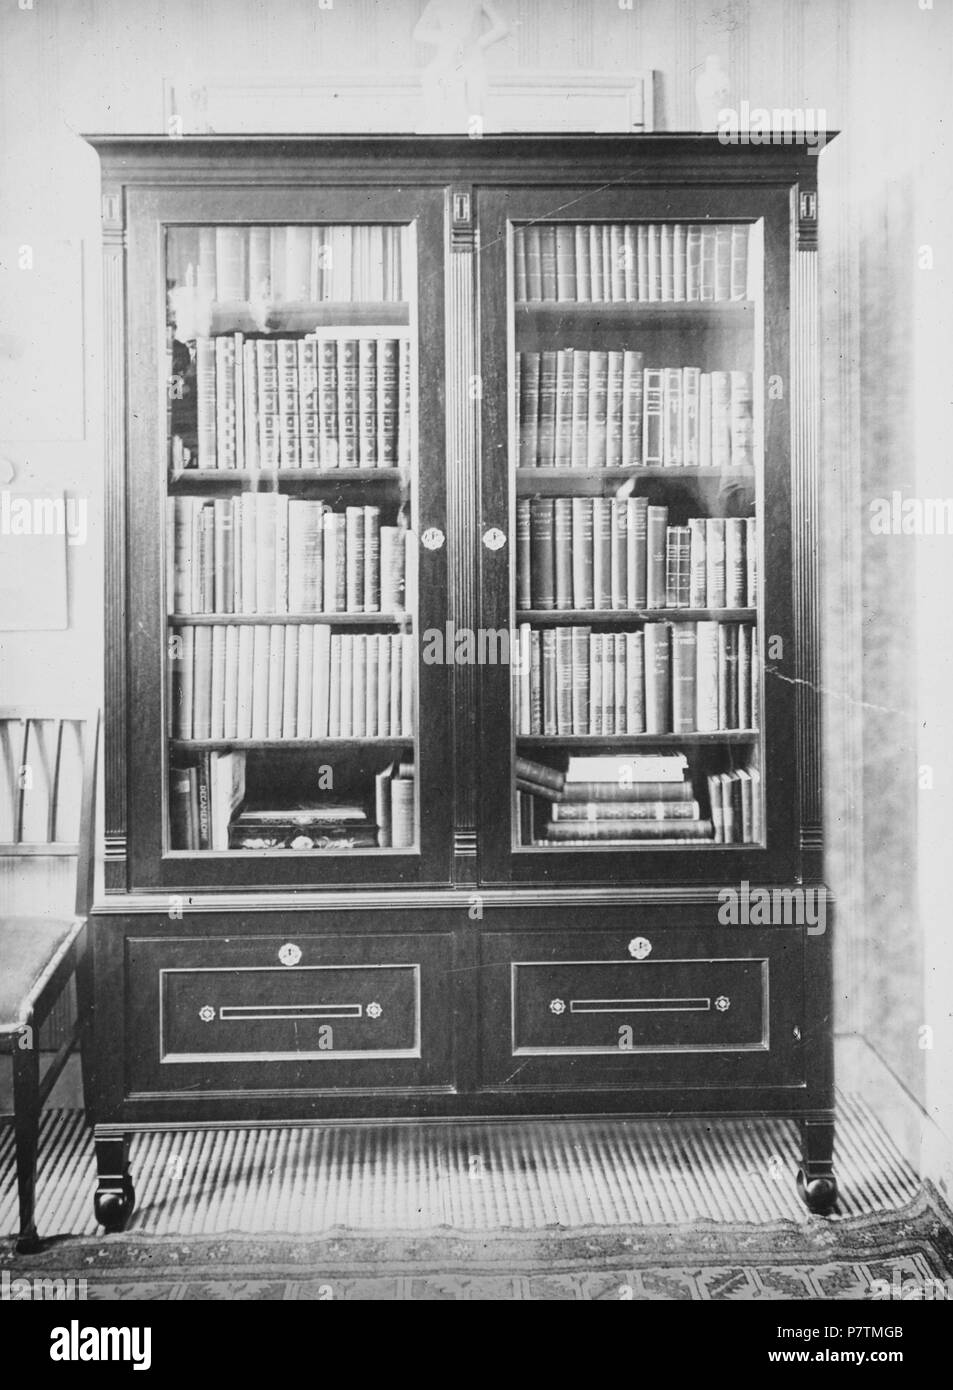 nederlands beschrijving een boekenkast naar ontwerp van kpc de bazel documenttype foto vervaardiger bazel karel pieter cornelis de 1869 1923